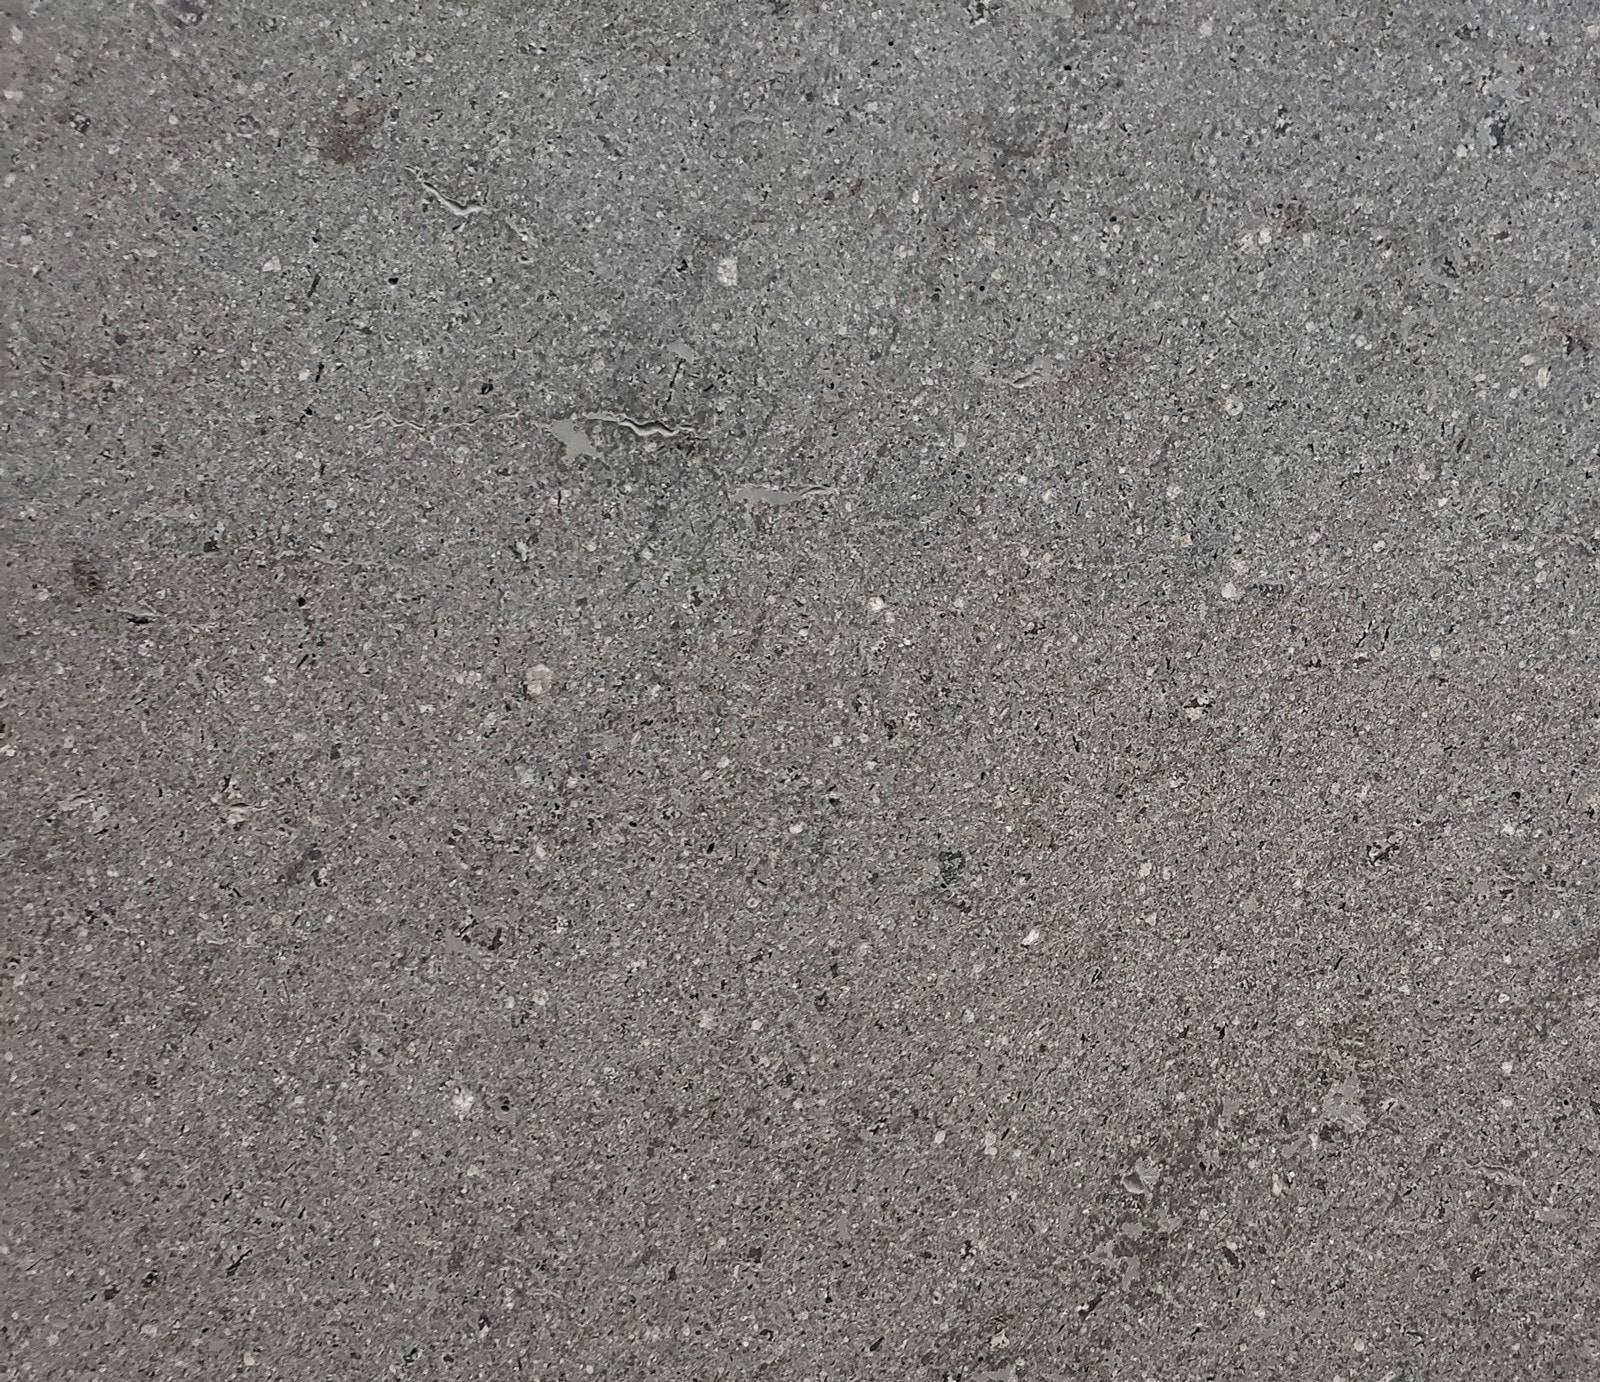 Basaltina 101 1 Close Up, Primestones® Granite, Quartz, Marble